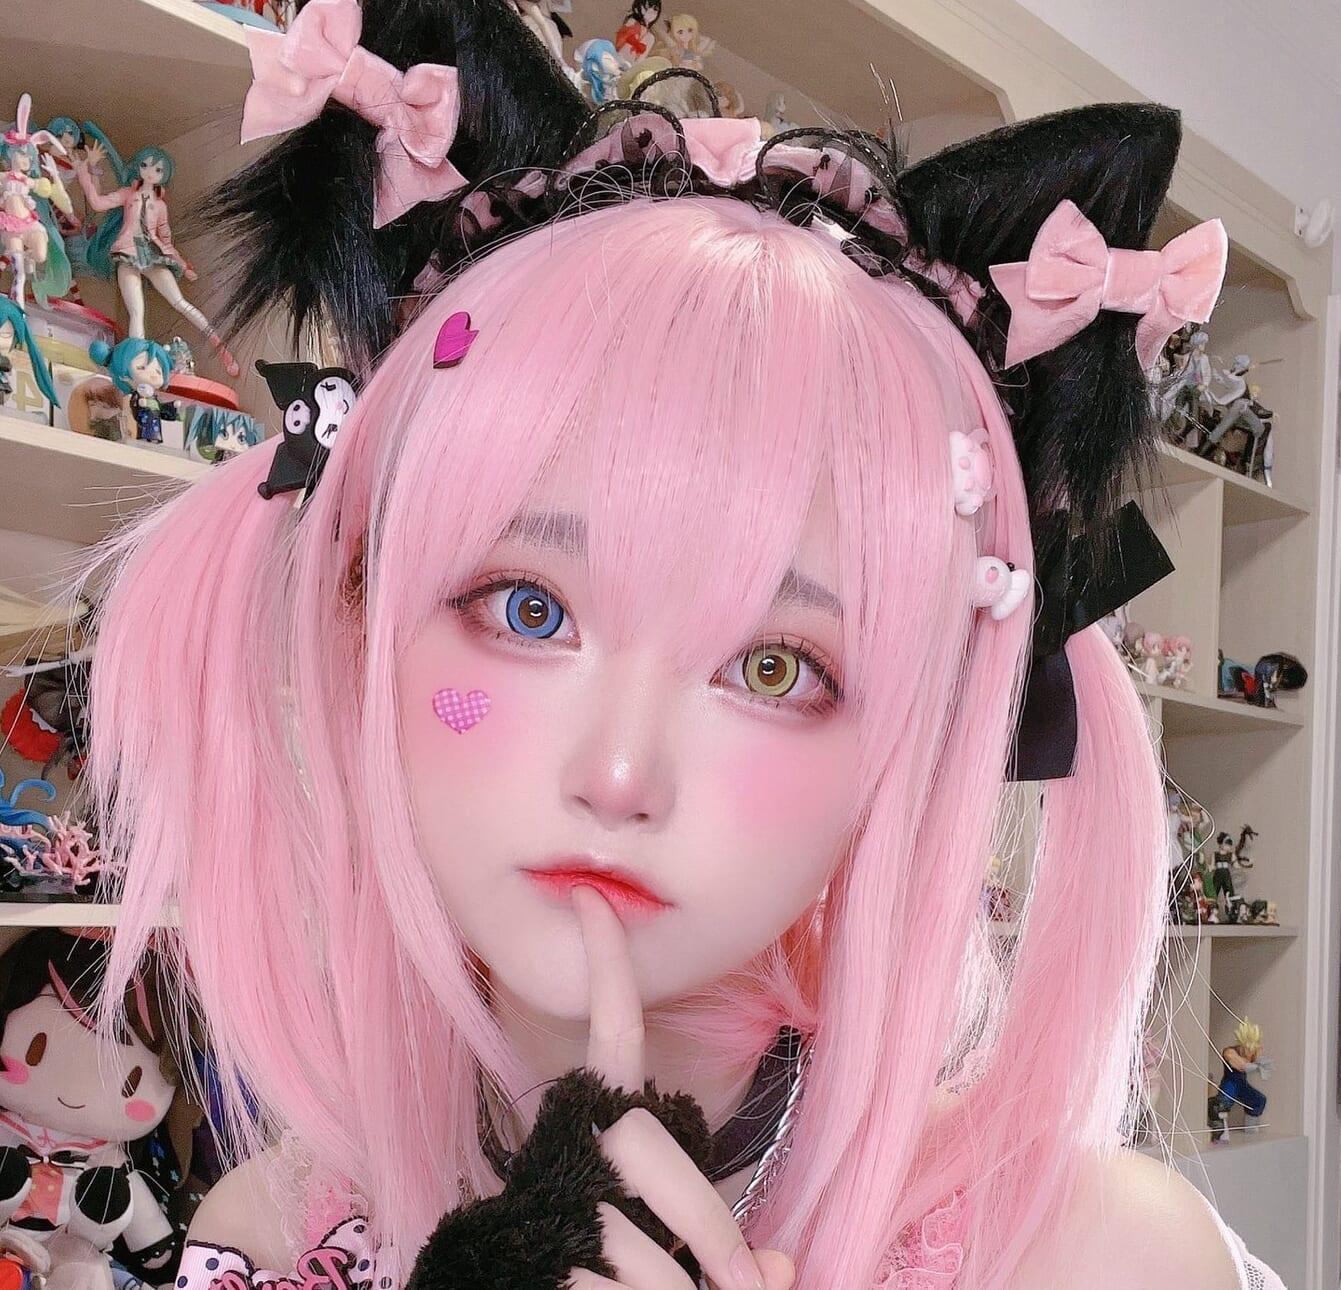 (日本語) 人気コスプレイヤー『SeeU』 、ピンクと黒の可愛らしいメイド系のコスプレを披露